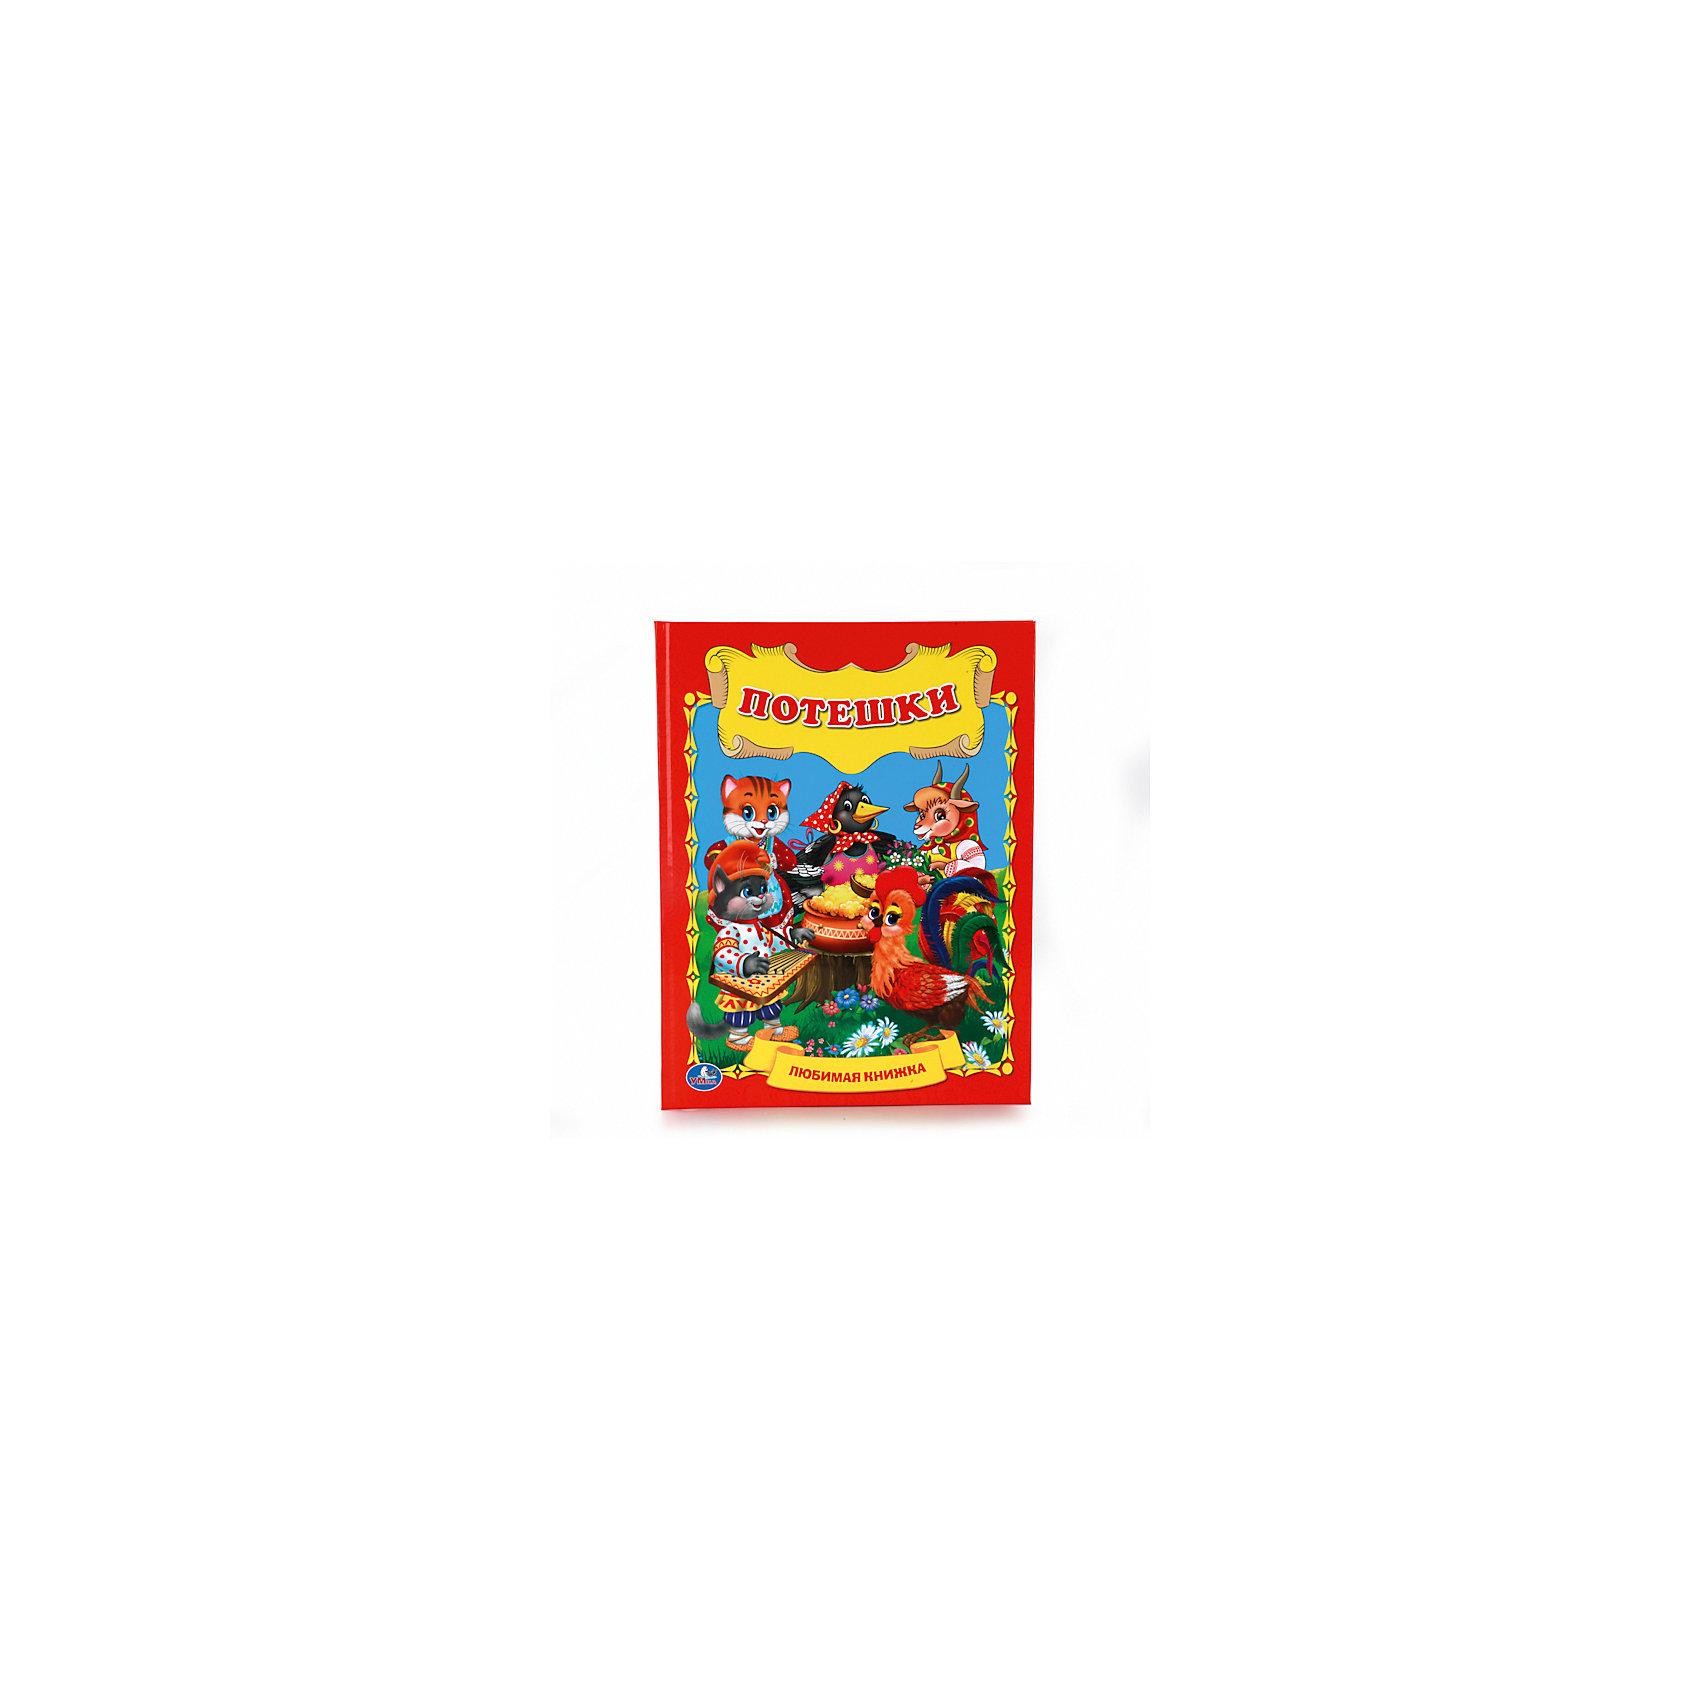 Любимая книжка ПотешкиПотешки, скороговорки, загадки<br>Характеристики товара:<br><br>• цвет: разноцветный<br>• размер: 21x27 см<br>• материал: картон, бумага<br>• страниц: 32<br>• возраст: 0+<br>• обложка: твердая<br>• цветные иллюстрации<br>• страна бренда: РФ<br>• страна изготовитель: РФ<br><br>Потешки не только развлекают малышей, они помогают учиться и познавать мир! Такая книжка станет отличным подарком ребенку и родителям - ведь с помощью неё можно учить потешки и рассматривать картинки. Формат - очень удобный, качество печати - отличное! Книжка дополнена яркими картинками.<br>Чтение даже в юном возрасте помогает детям развивать важные навыки и способности, оно активизирует мышление, формирует усидчивость, логику и воображение. Изделие производится из качественных и проверенных материалов, которые безопасны для детей.<br><br>Издание Любимая книжка Потешки от бренда Умка можно купить в нашем интернет-магазине.<br><br>Ширина мм: 5<br>Глубина мм: 270<br>Высота мм: 210<br>Вес г: 230<br>Возраст от месяцев: 24<br>Возраст до месяцев: 60<br>Пол: Унисекс<br>Возраст: Детский<br>SKU: 5196907